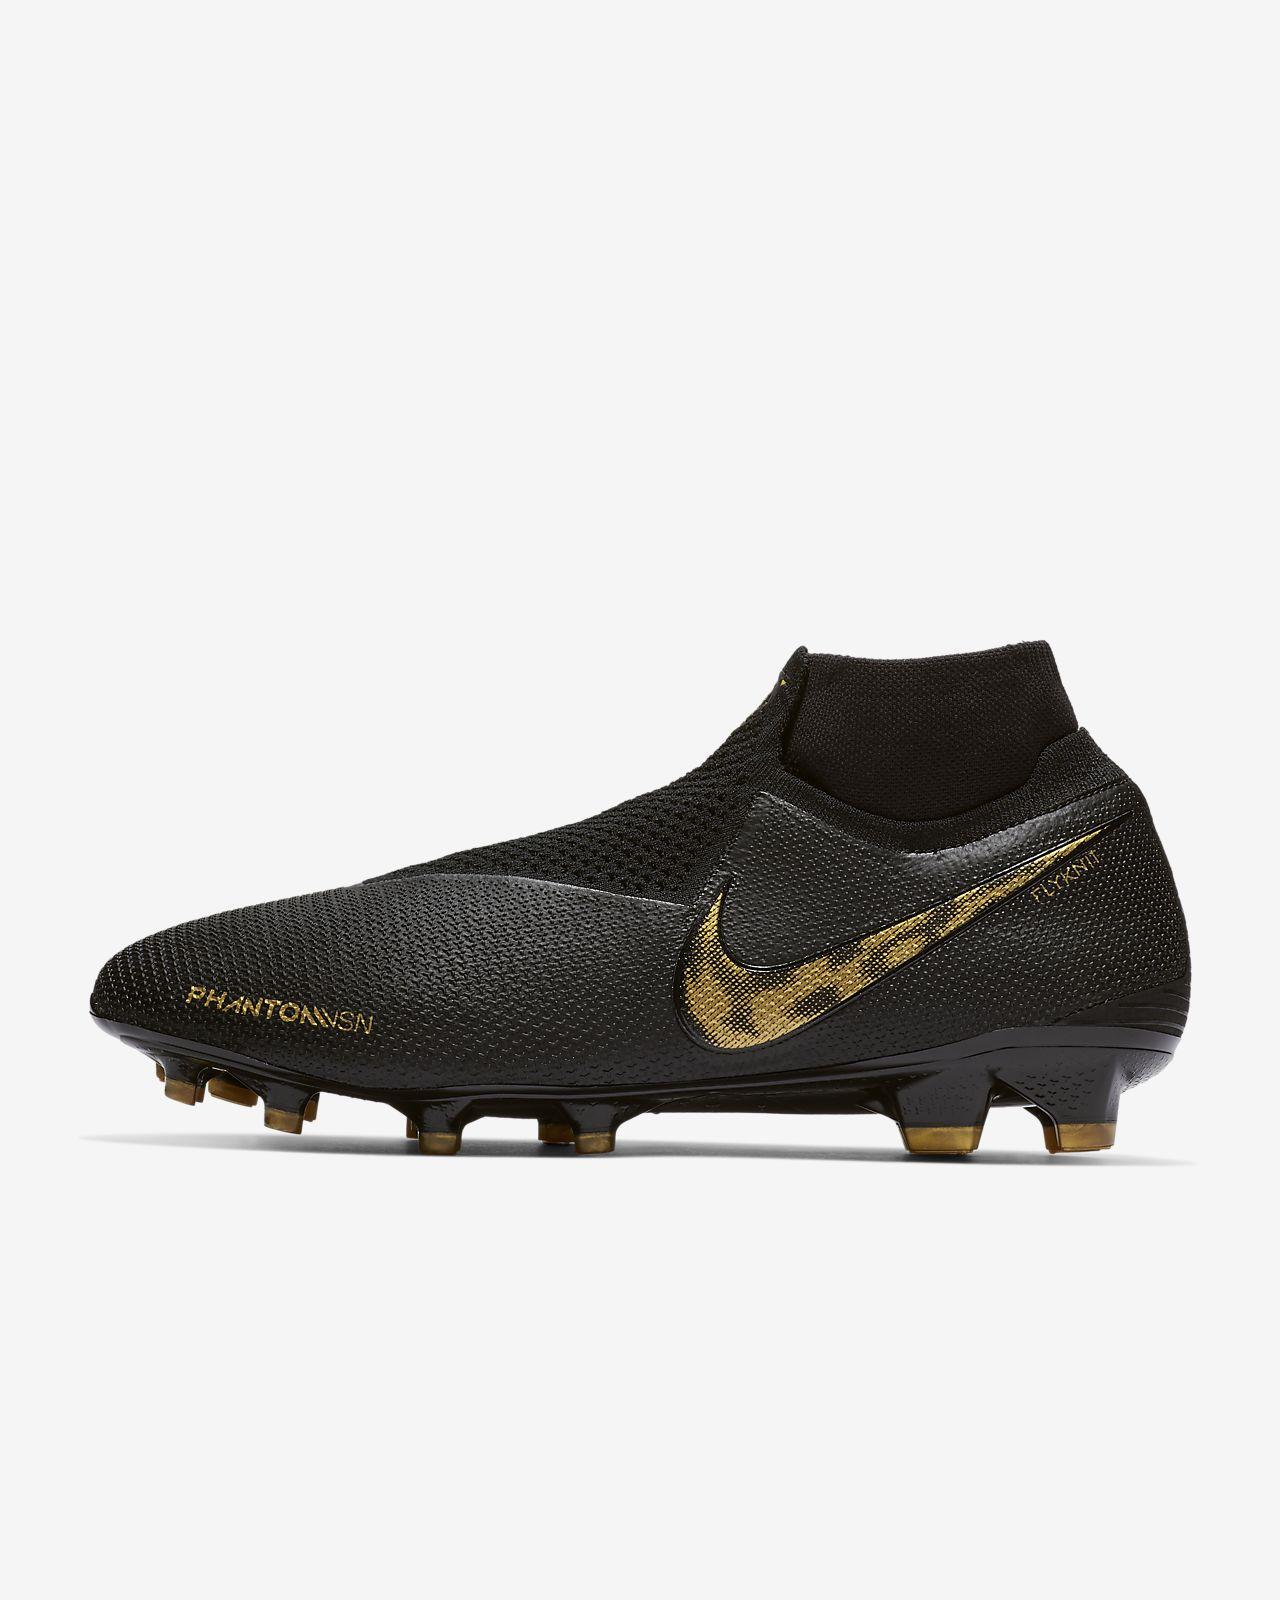 Kopačka Nike PhantomVSN Elite Dynamic Fit FG na pevný povrch